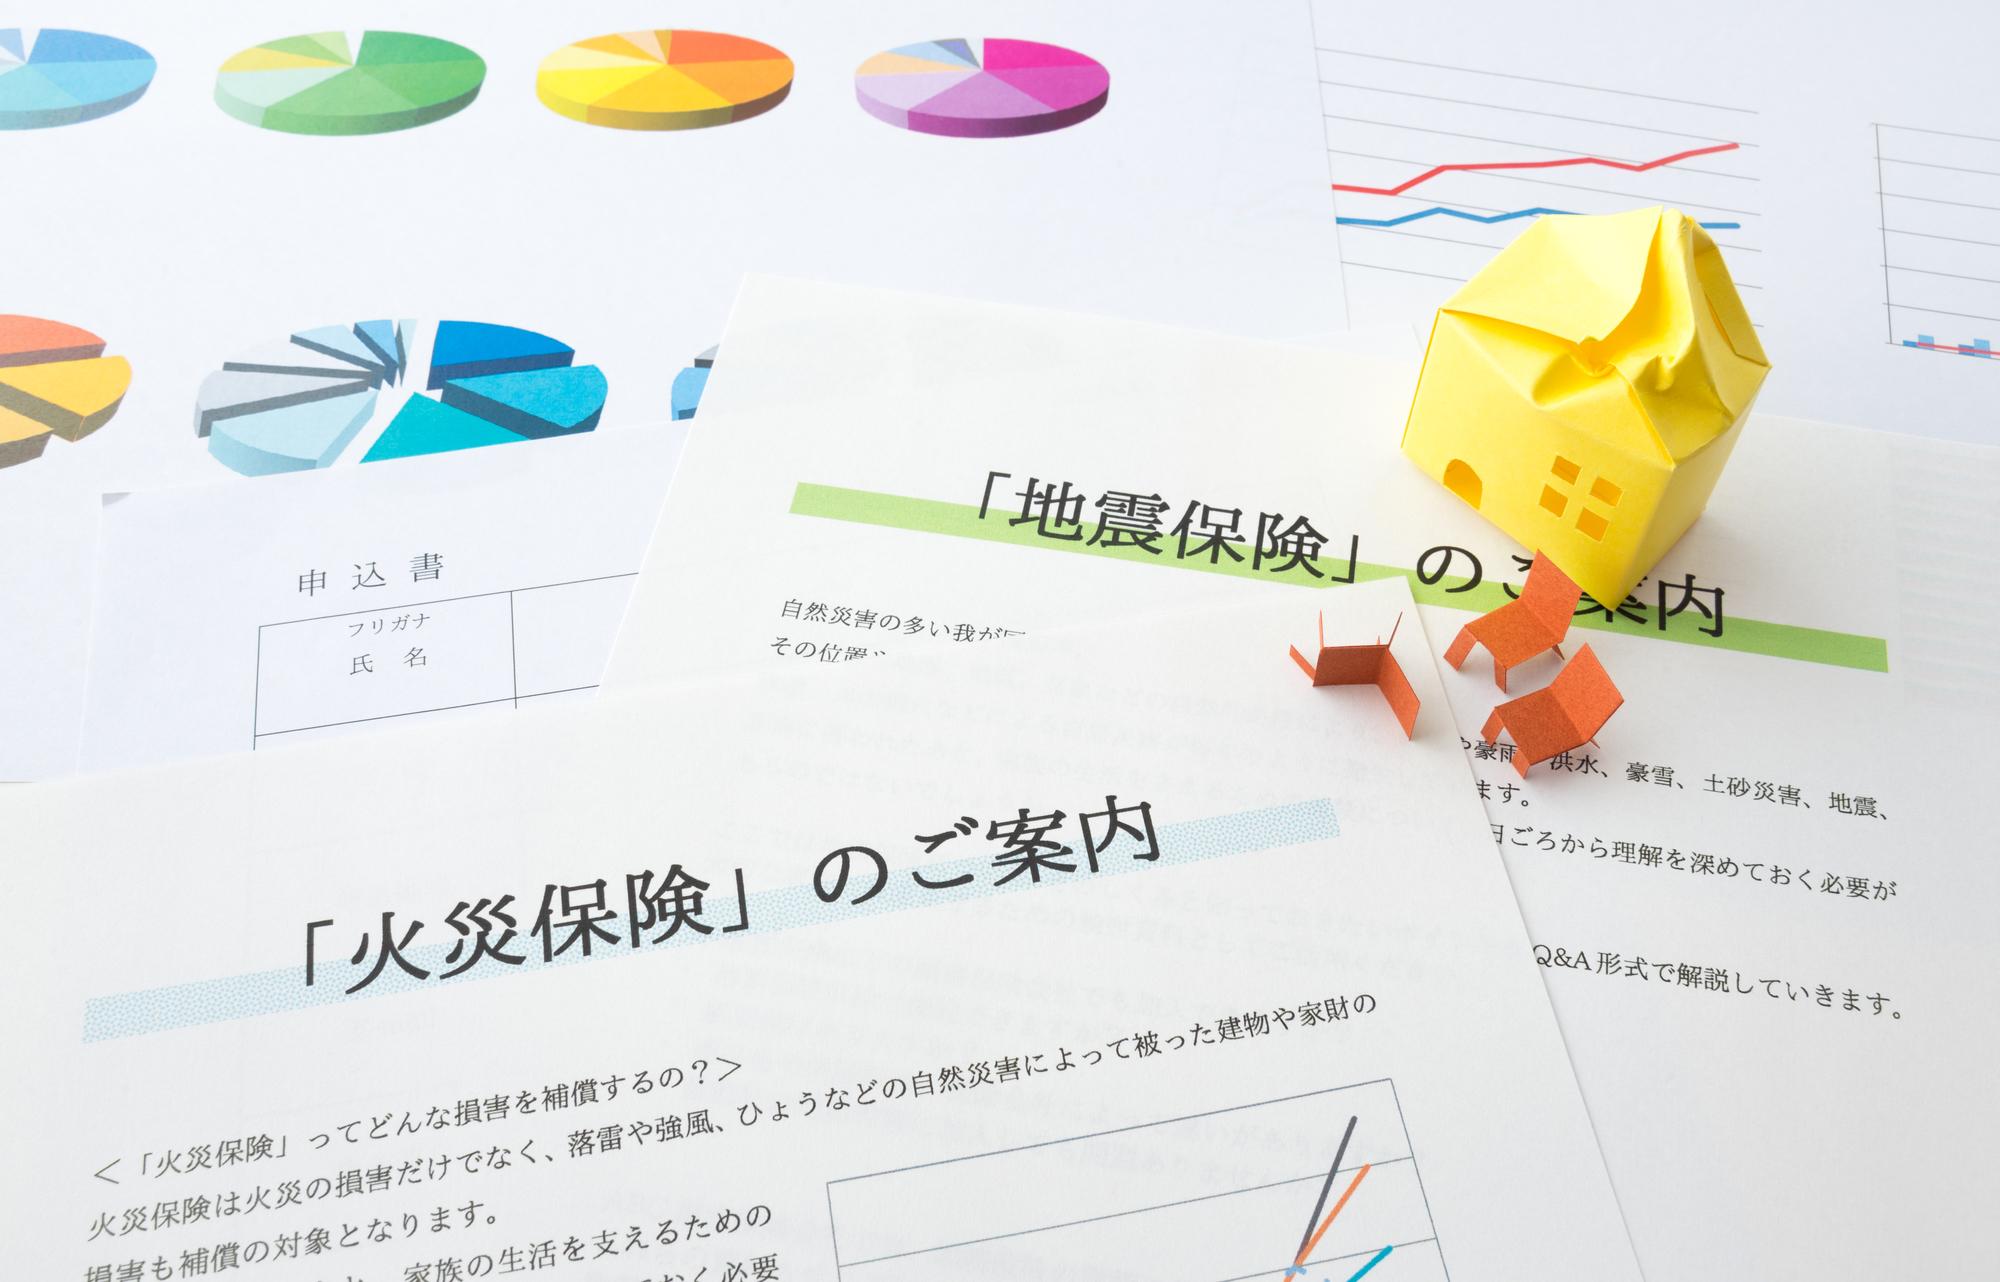 家の保険にはどんな種類があるの?火災、地震など、知っておくべき保険と特徴を総ざらい!